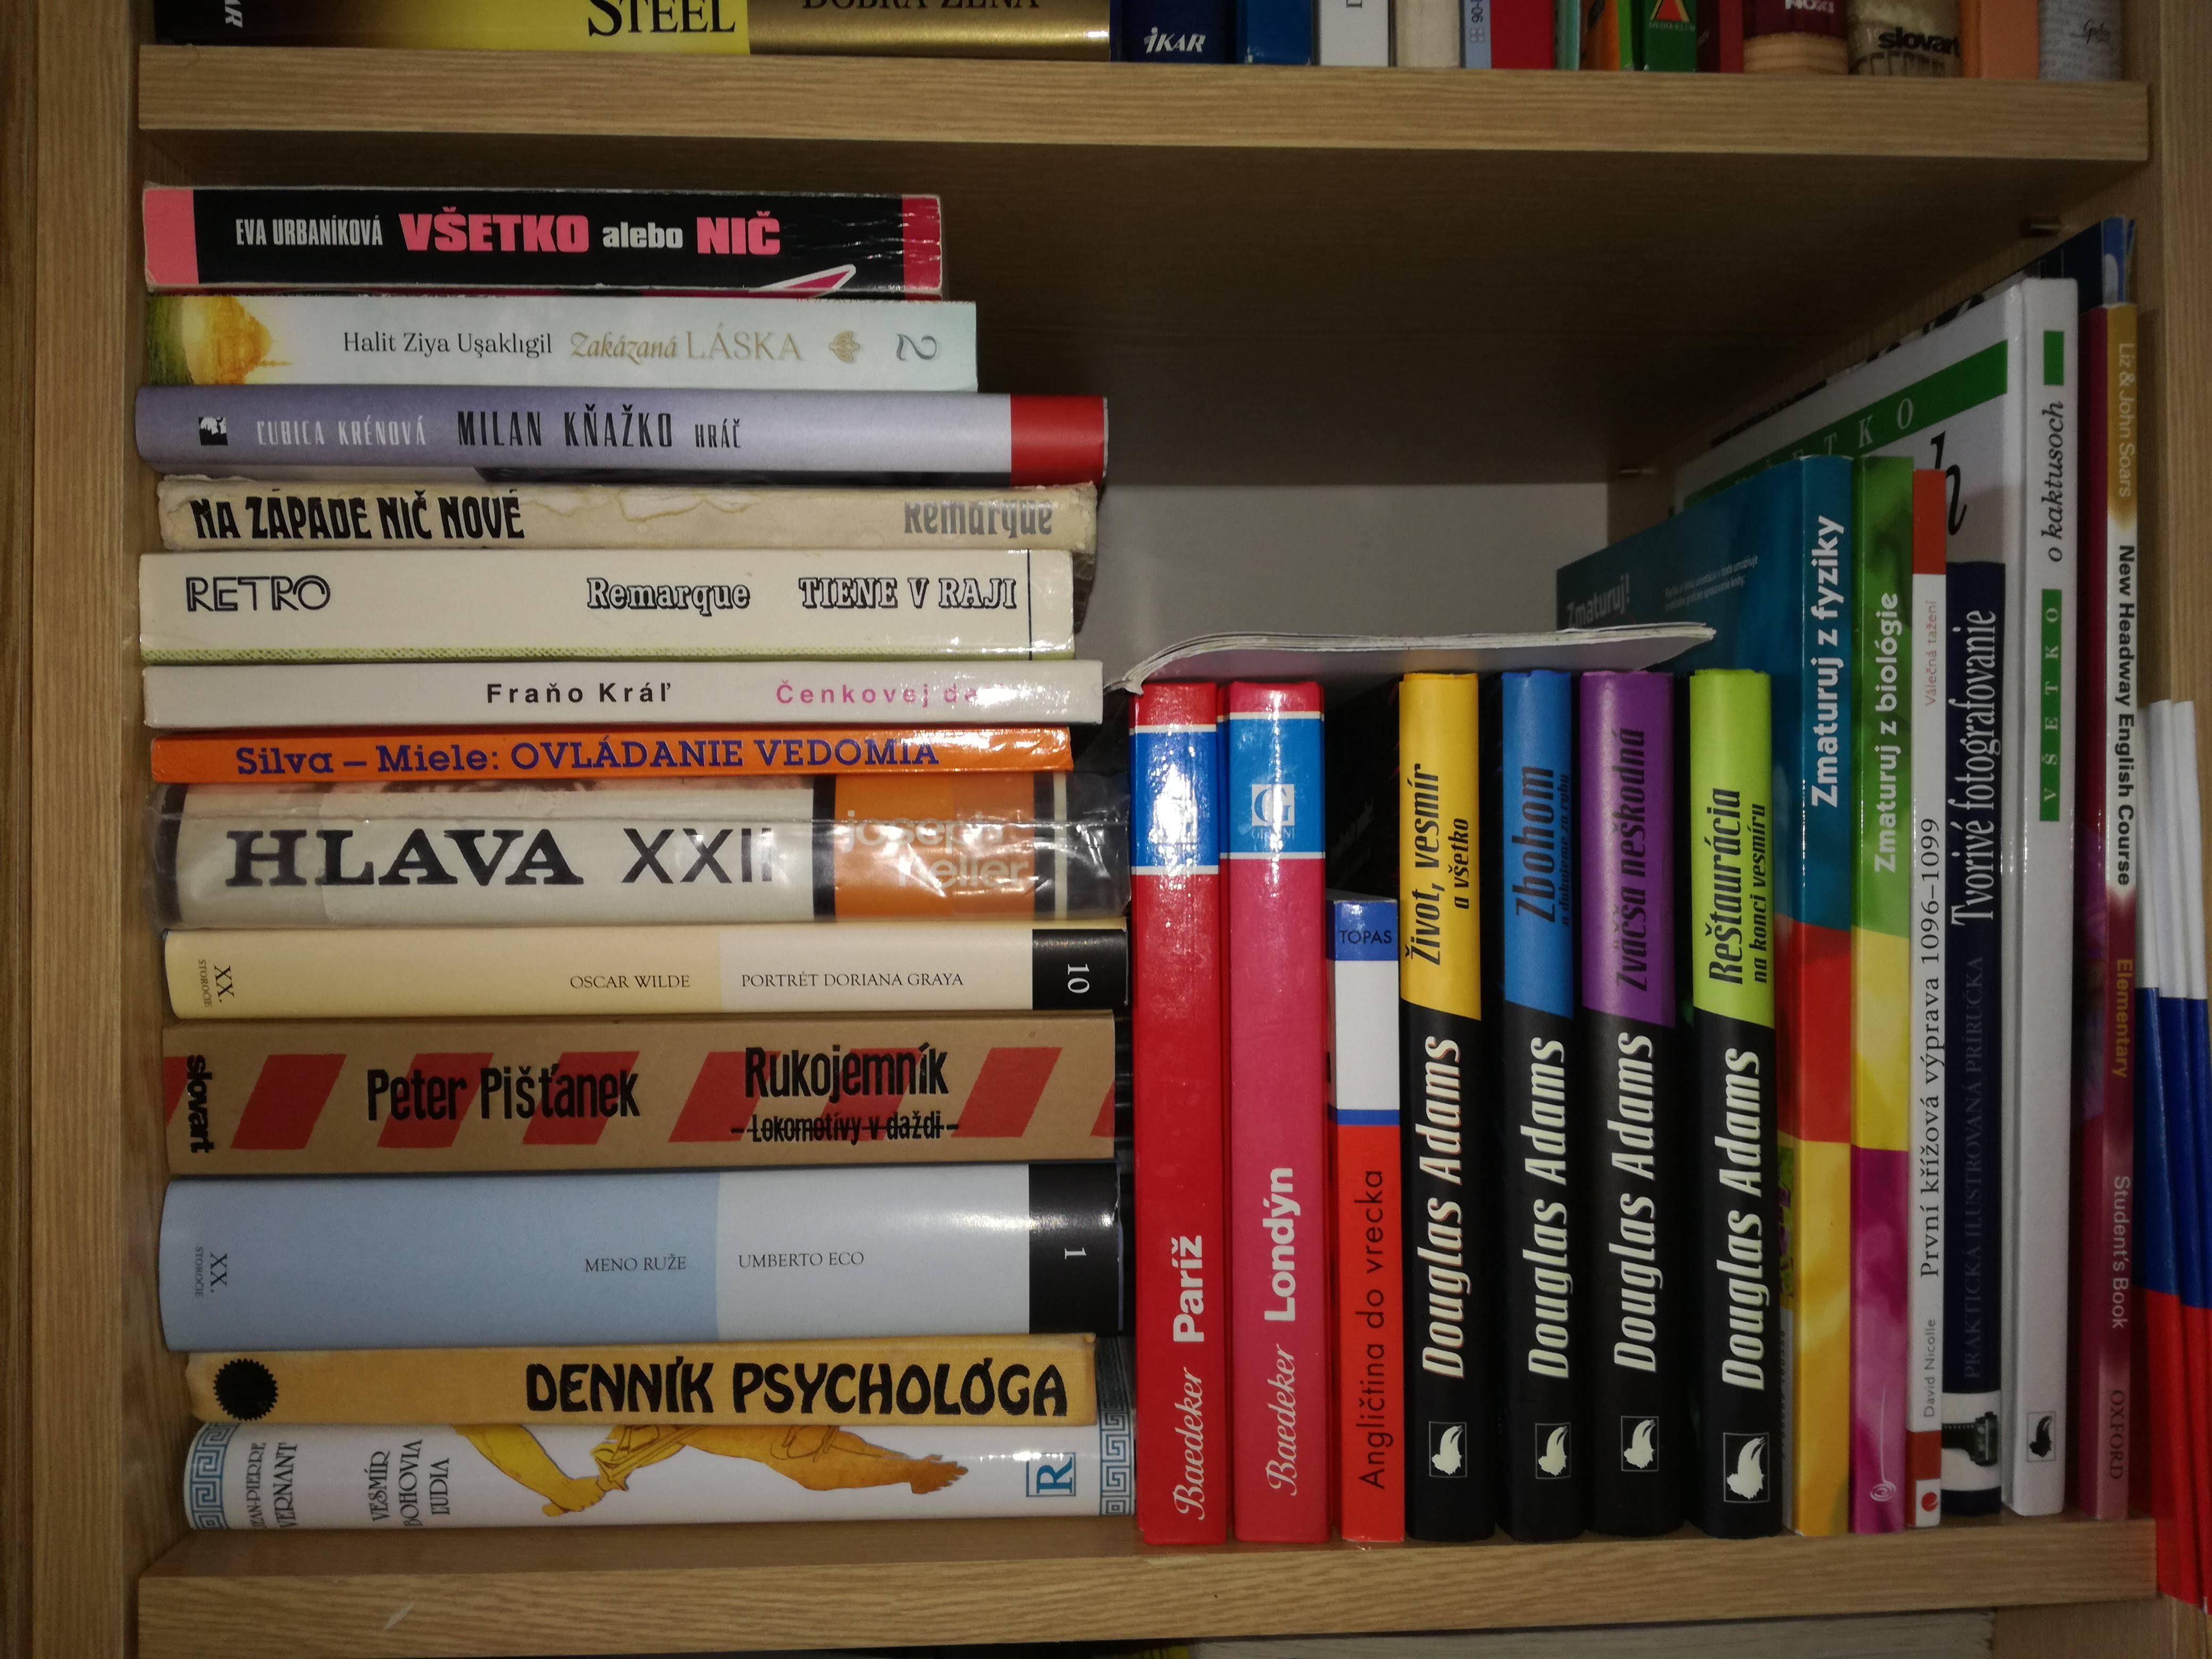 predam knihy, romany a i.